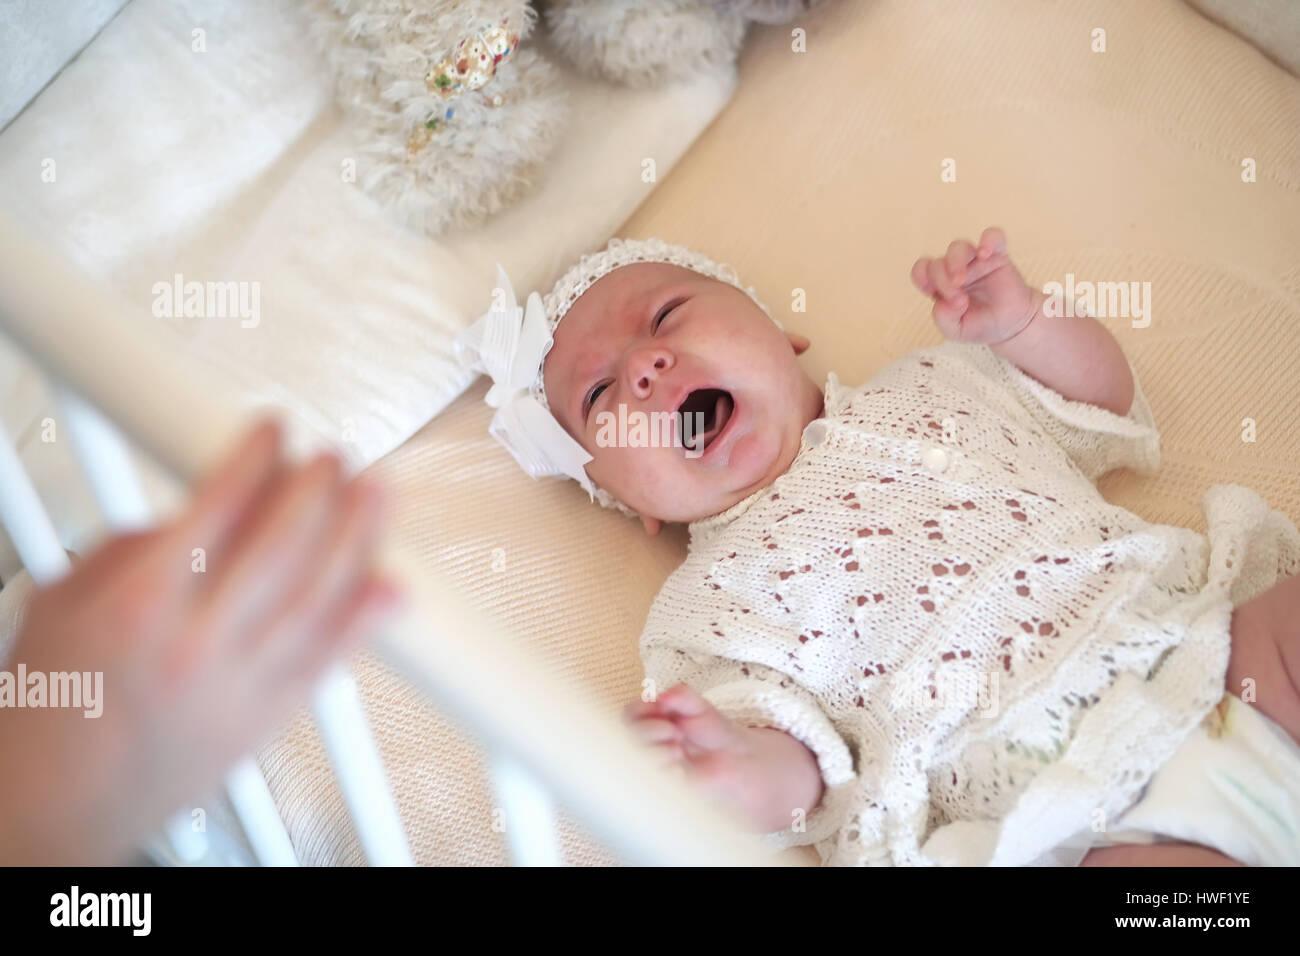 Niedlichen Neugeborenen liegt in der Krippe und sucht Mutter Stockbild